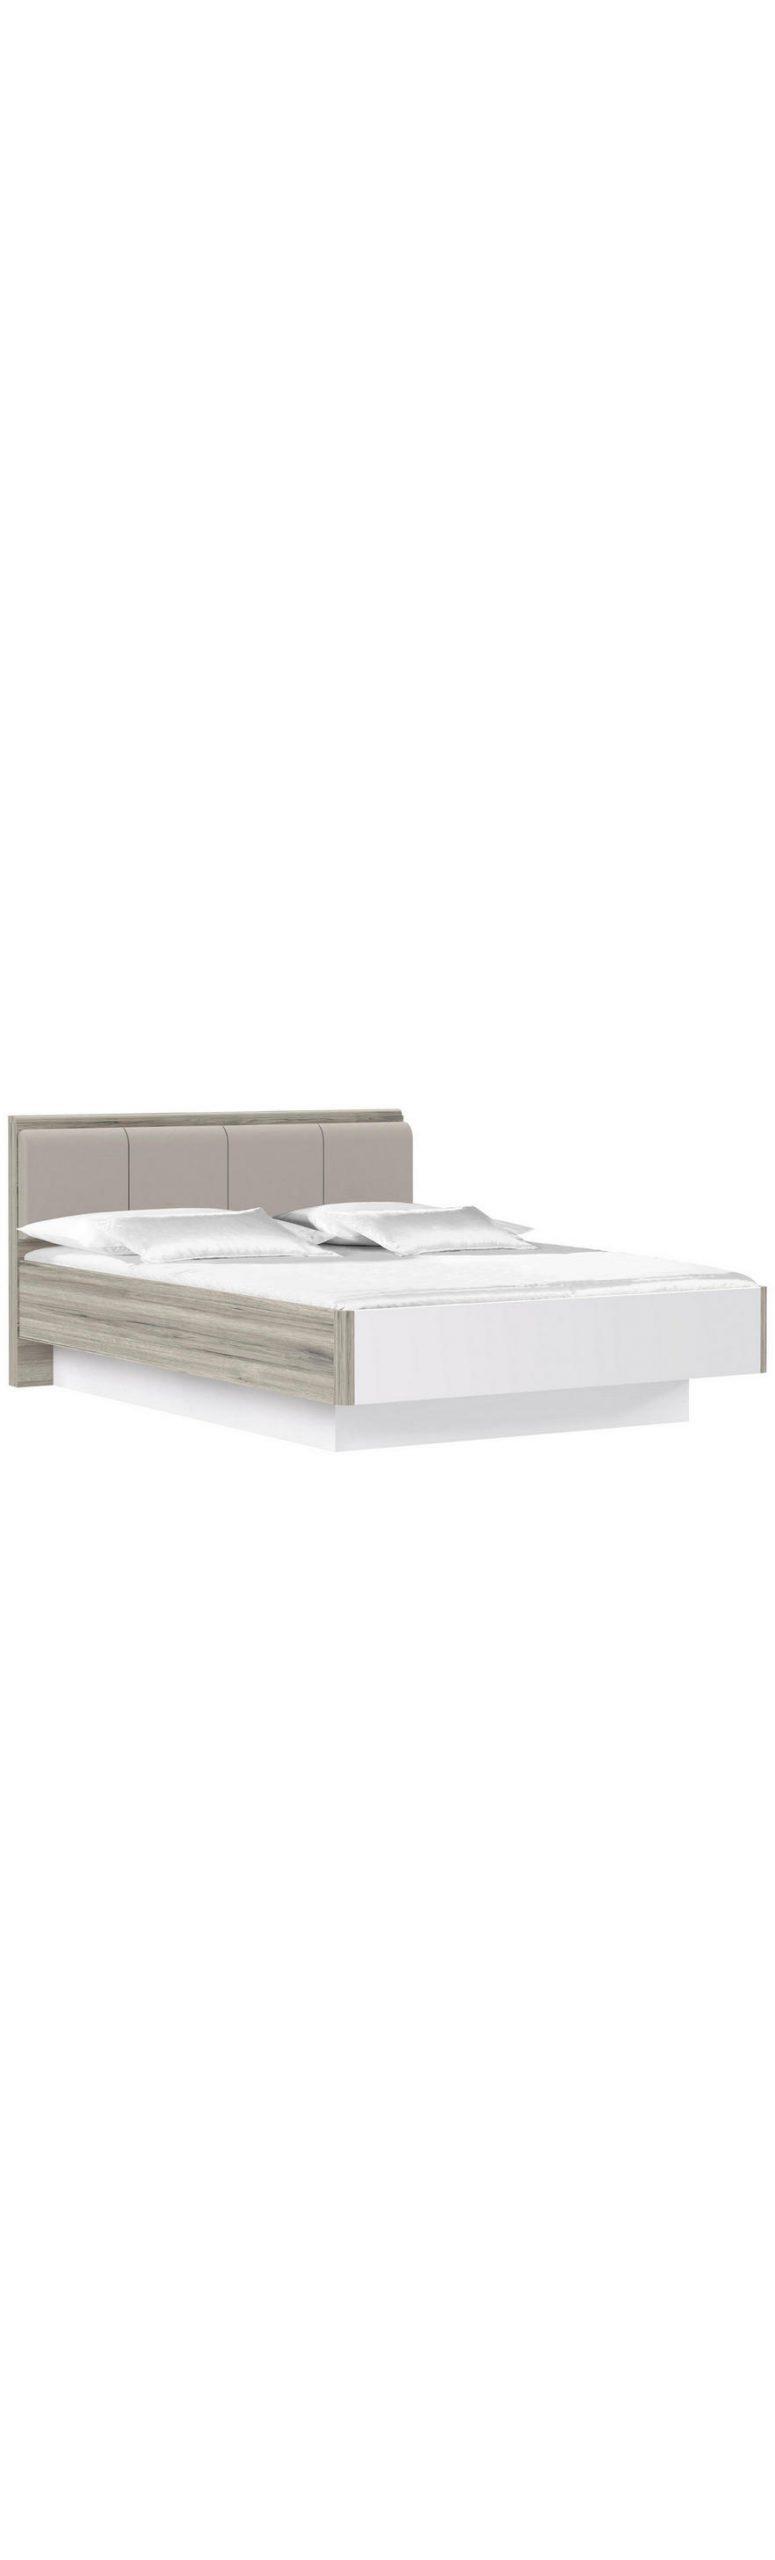 Full Size of Bett 220 X 200 Betten Ohne Kopfteil Günstige 140x200 Berlin Weiß Schutzgitter 180x200 Romantisches München Modernes Kolonialstil Bett Bett 140